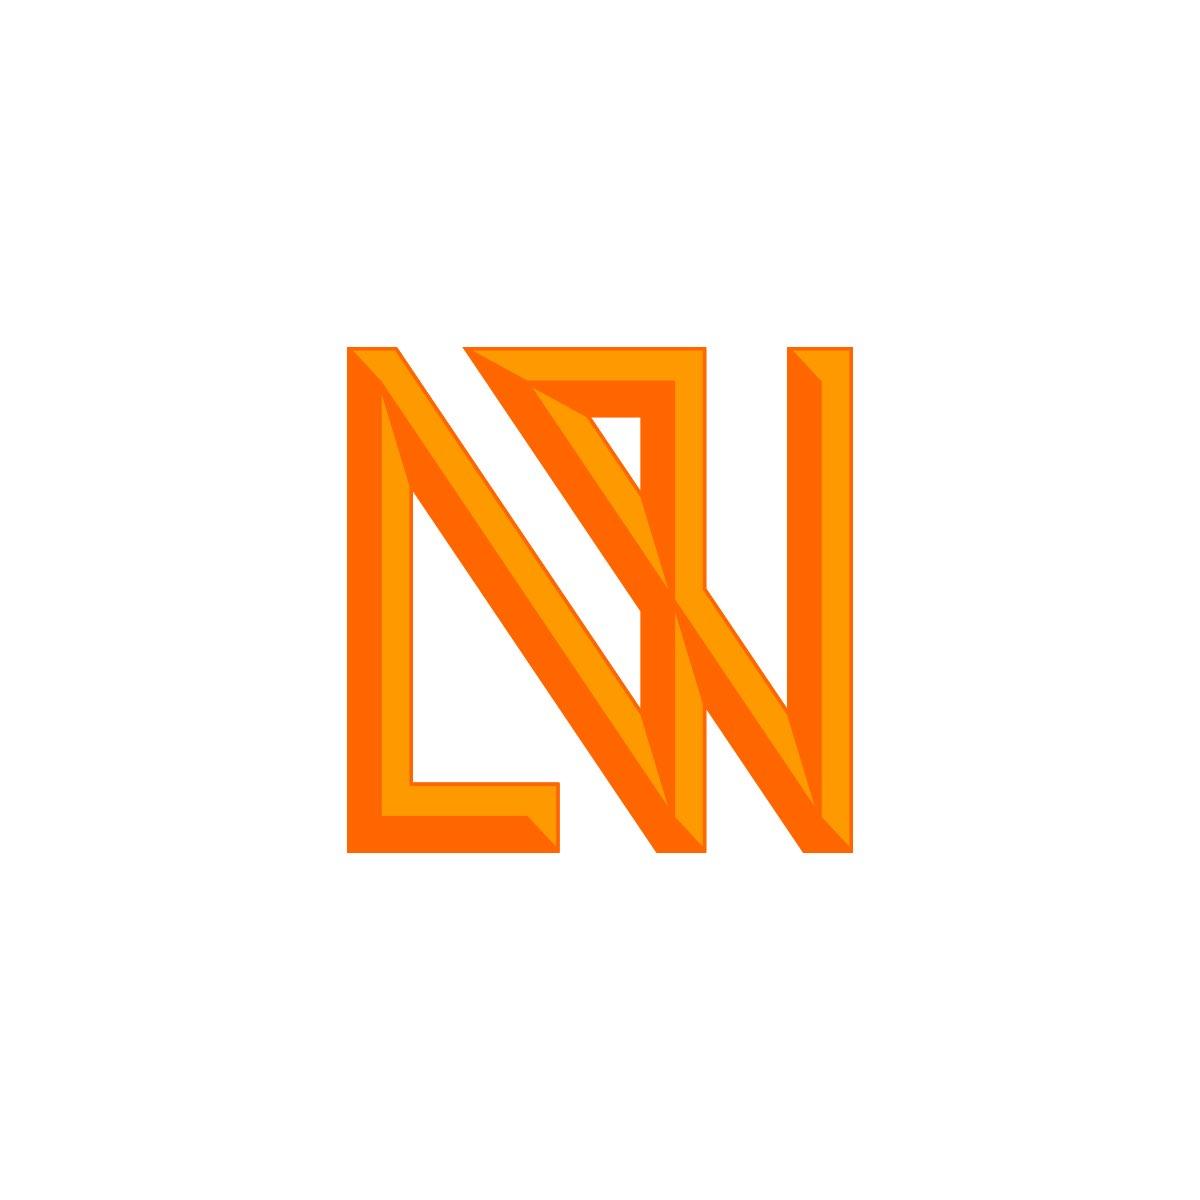 logos.021.jpeg